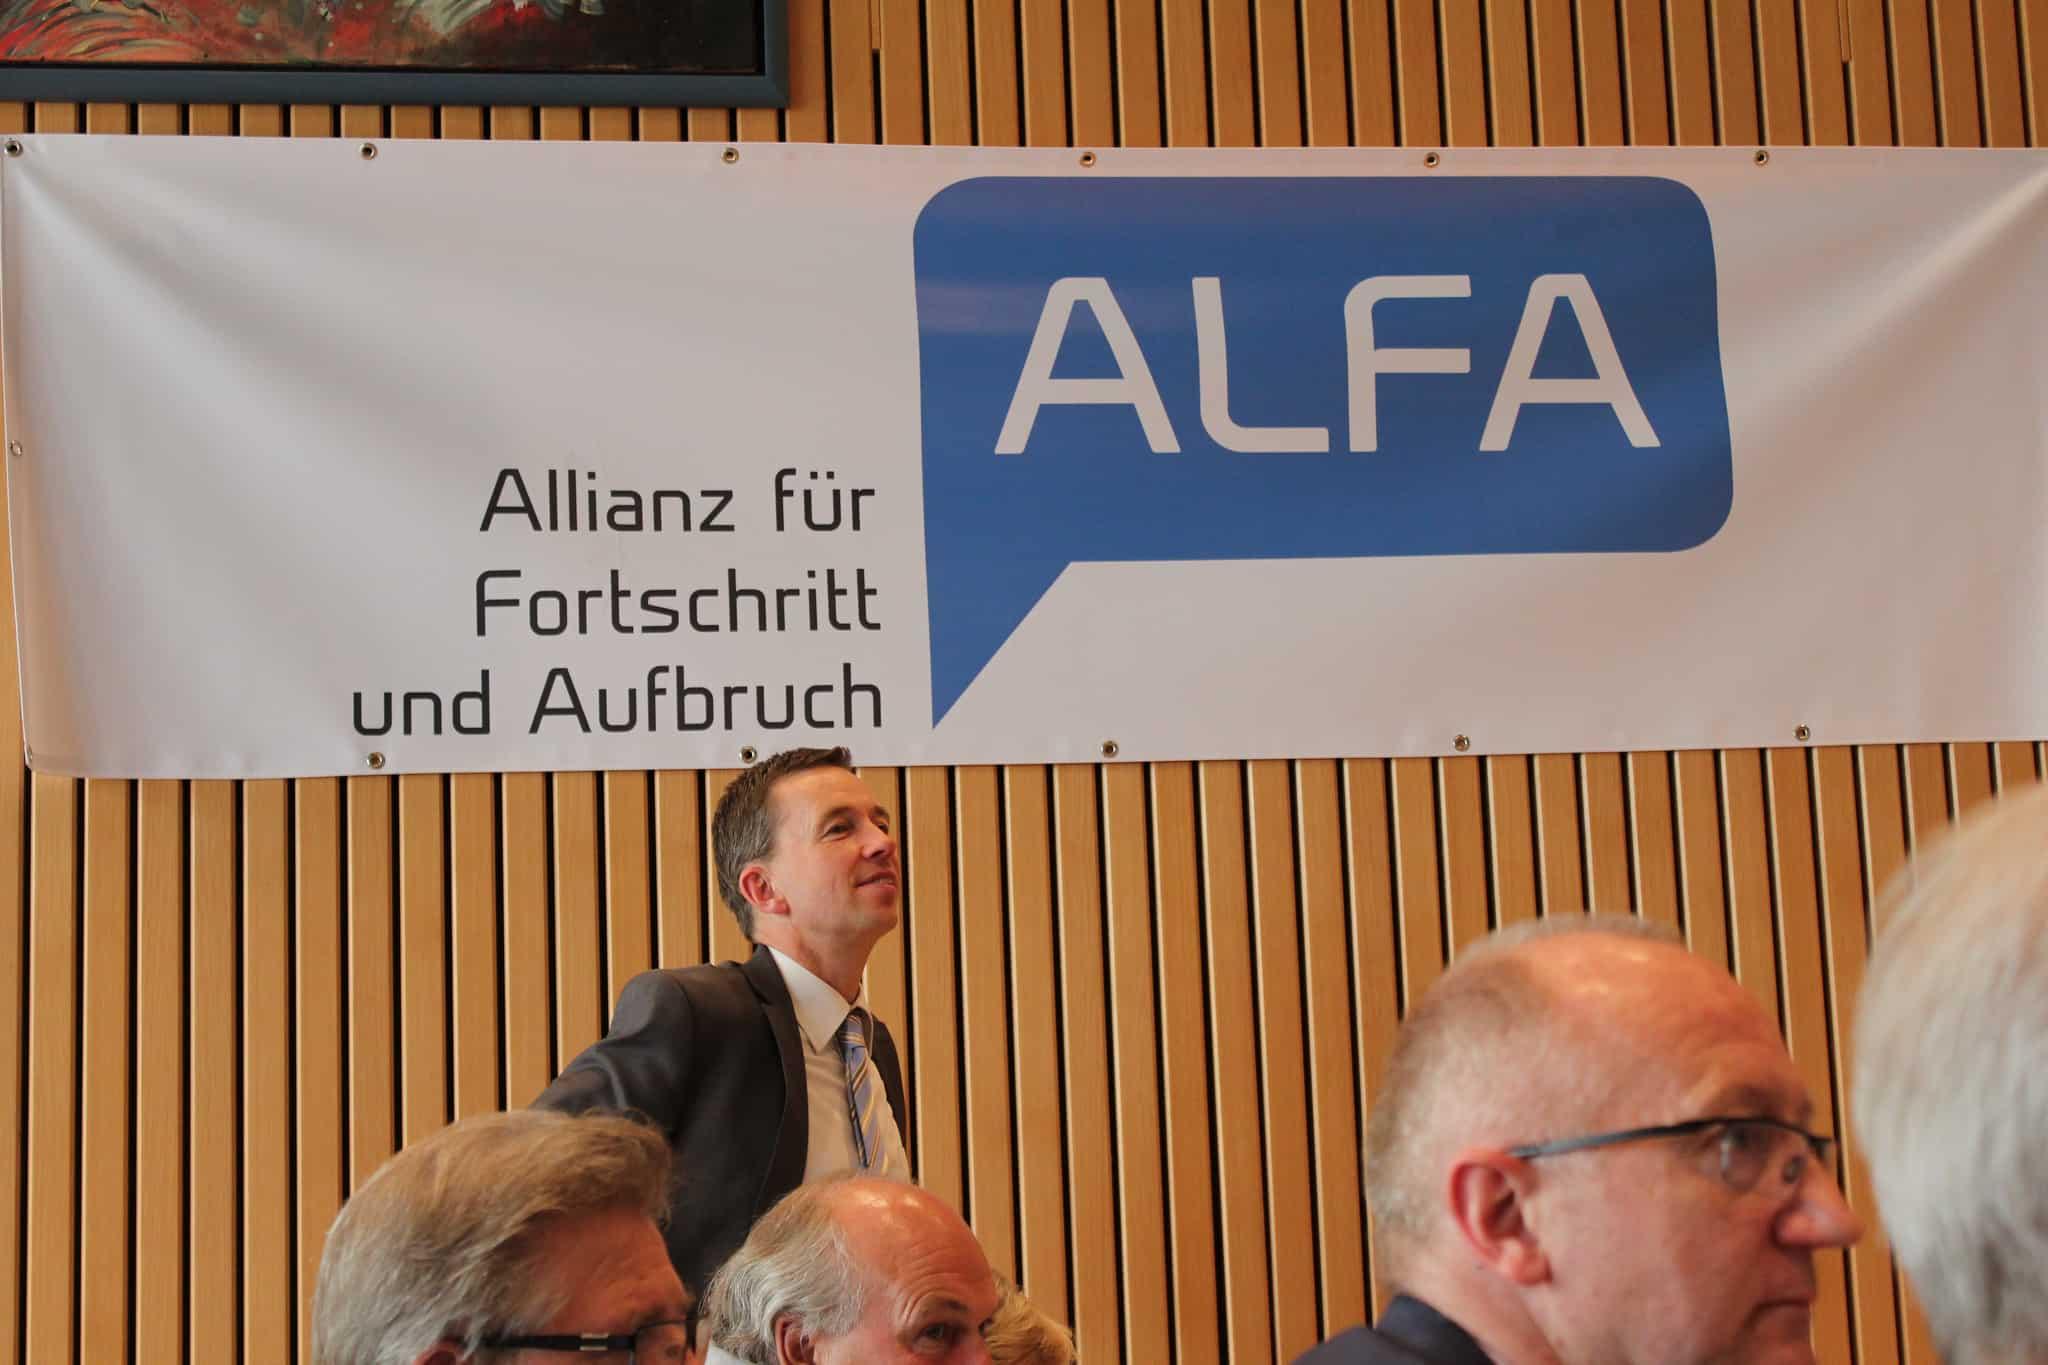 """Photo of ALFA Namensstreit: """"Aktion Lebensrecht für alle"""" gewinnt gegen Lucke Partei"""